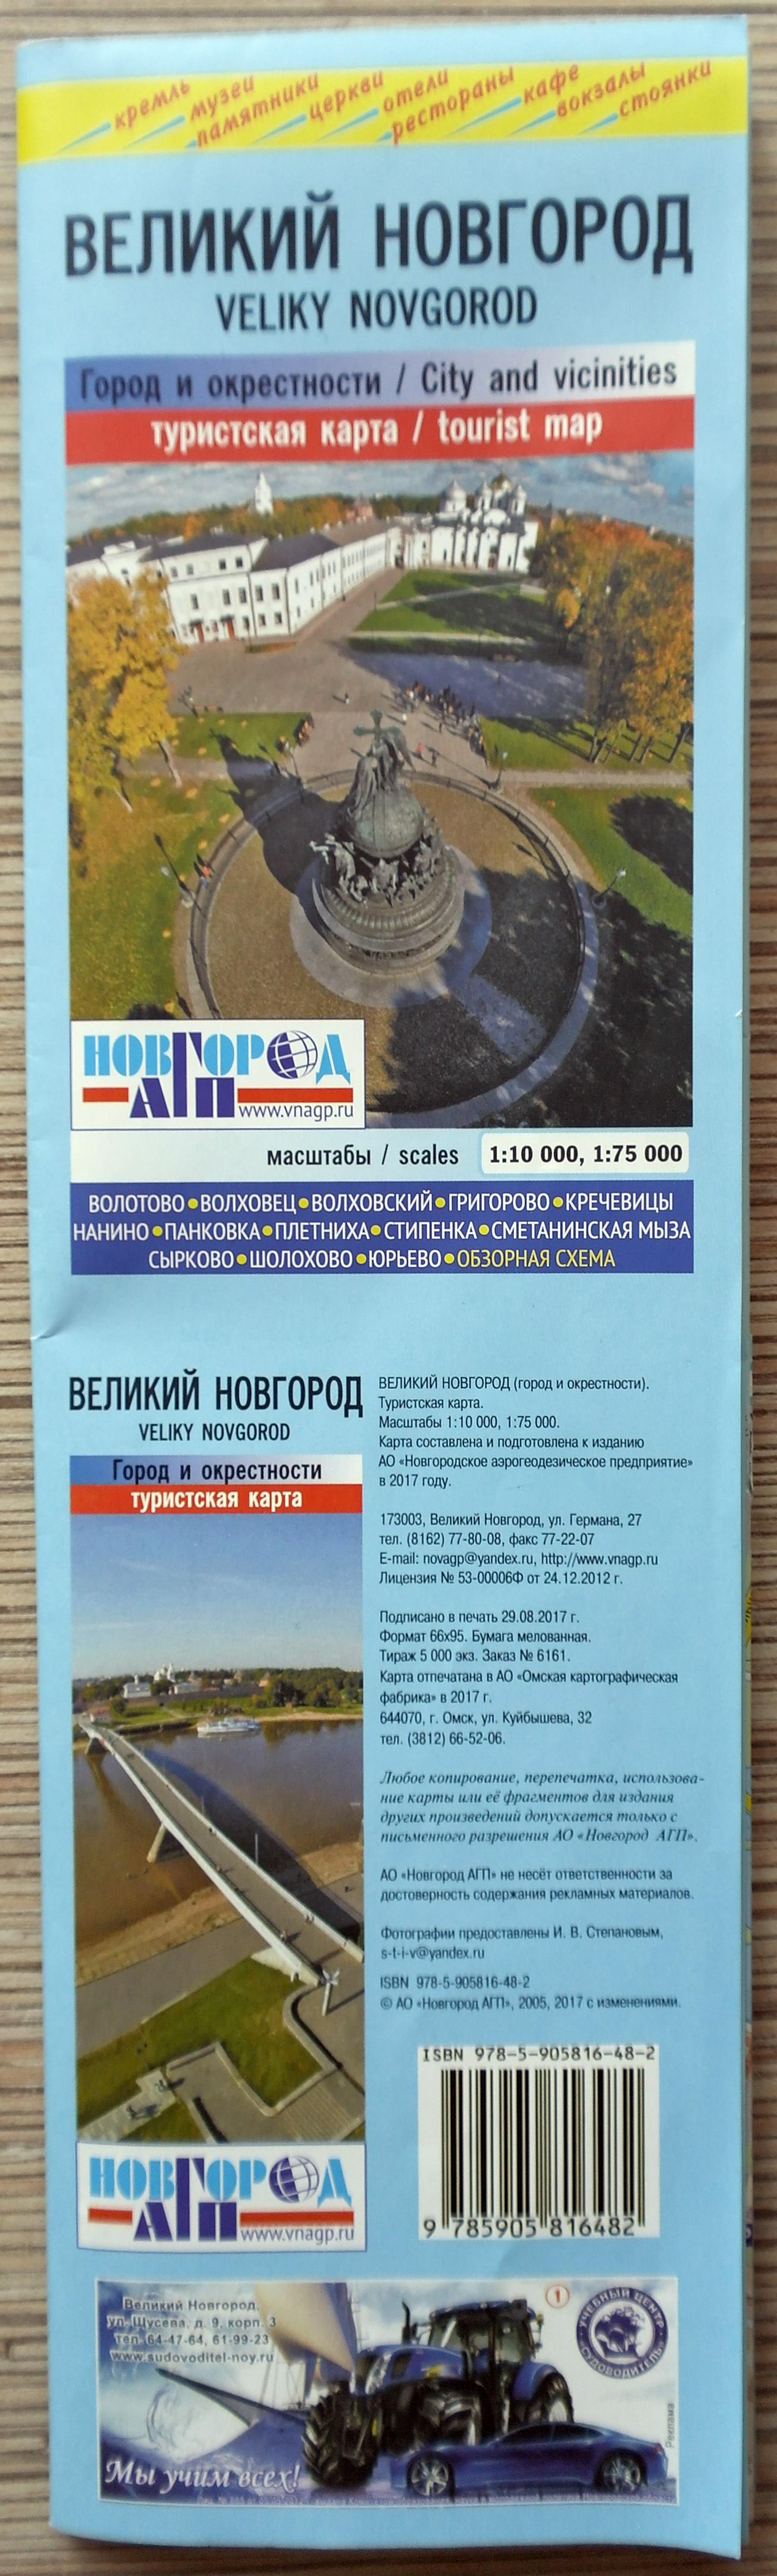 037648 Туристическая карта Великий Новгород 1:20 000